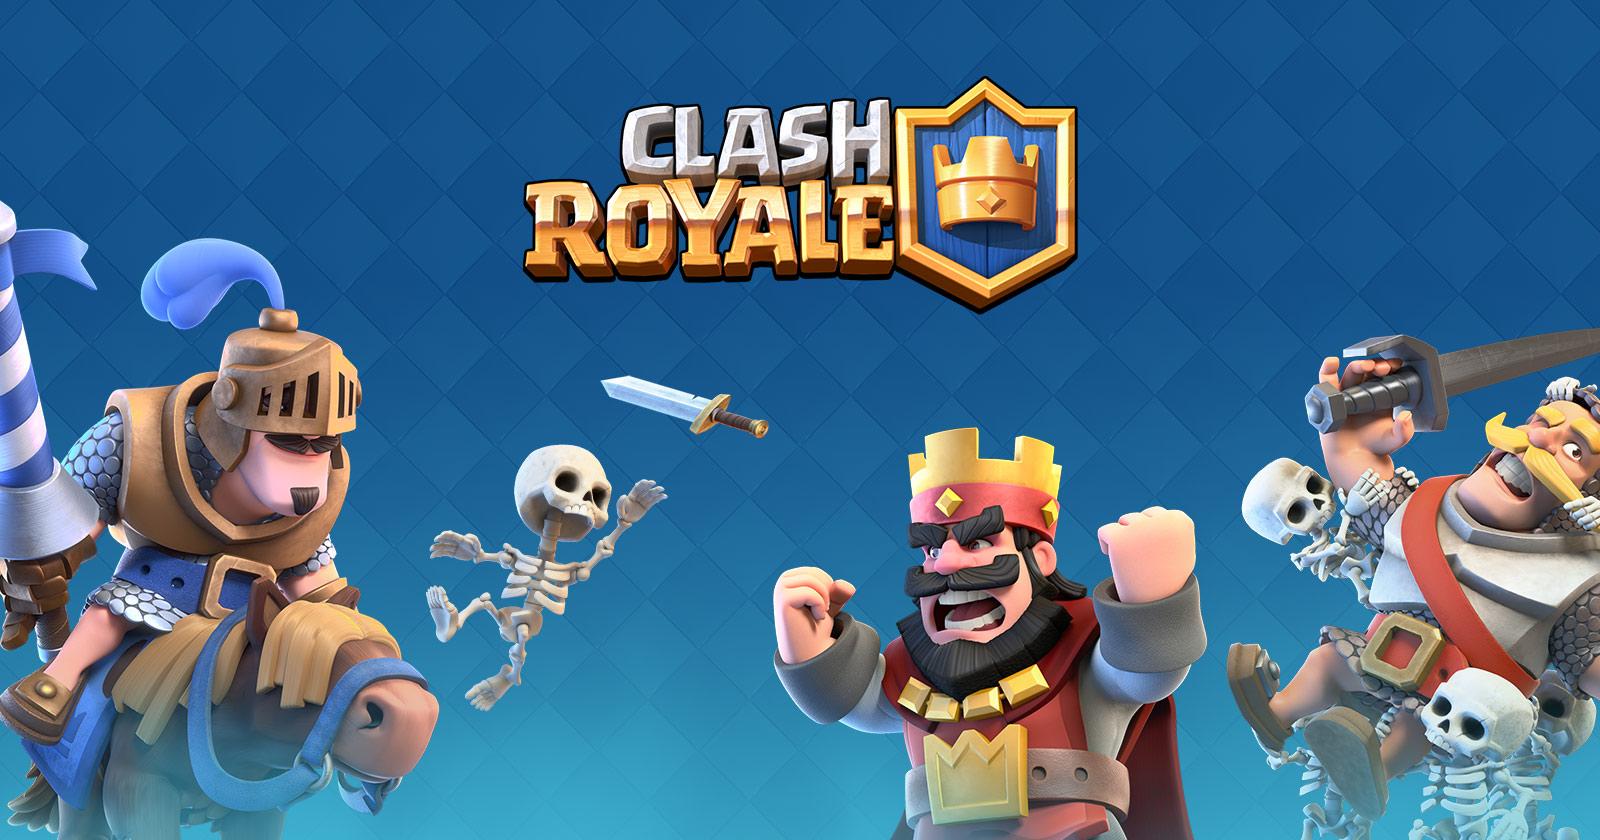 Giochi simili a quelli di Clash Royale da non perdere 1